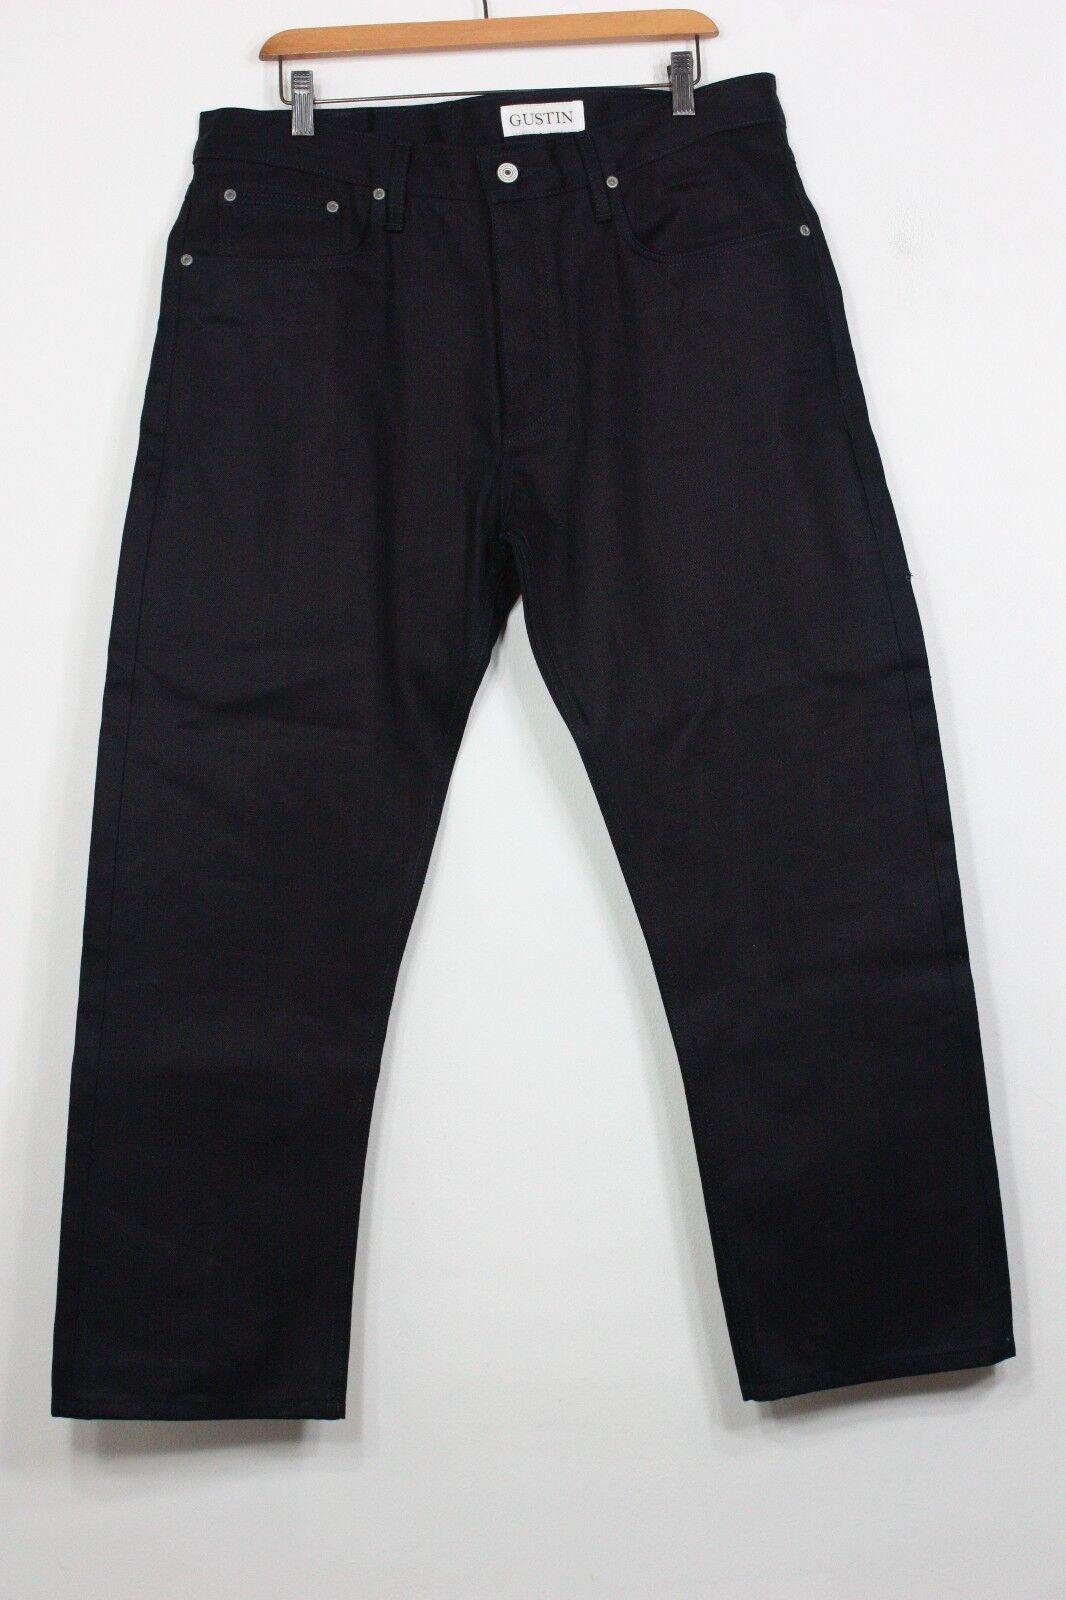 Gustin 166 Indigoxindigo Jeans 37 X 27 Roh 414g Kanten Denim Gerade Neu  | Großer Räumungsverkauf  | Clever und praktisch  | Neuheit